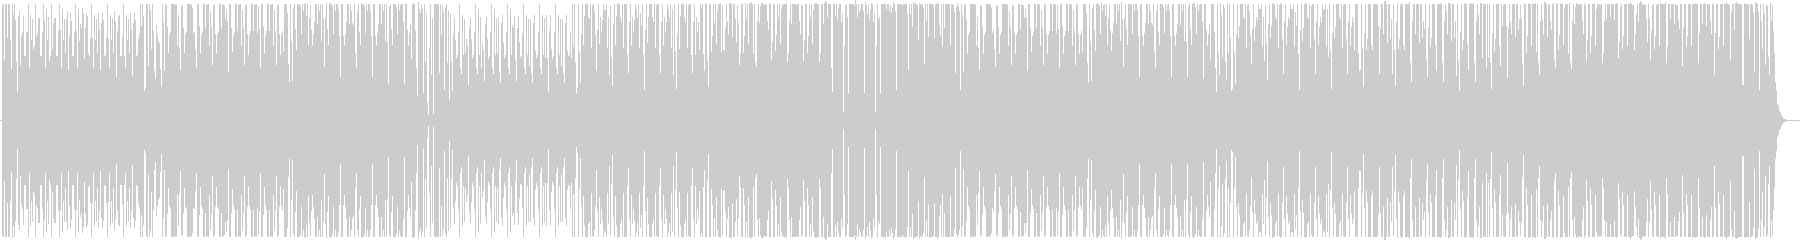 和太鼓のみの組太鼓楽曲02の未再生の波形